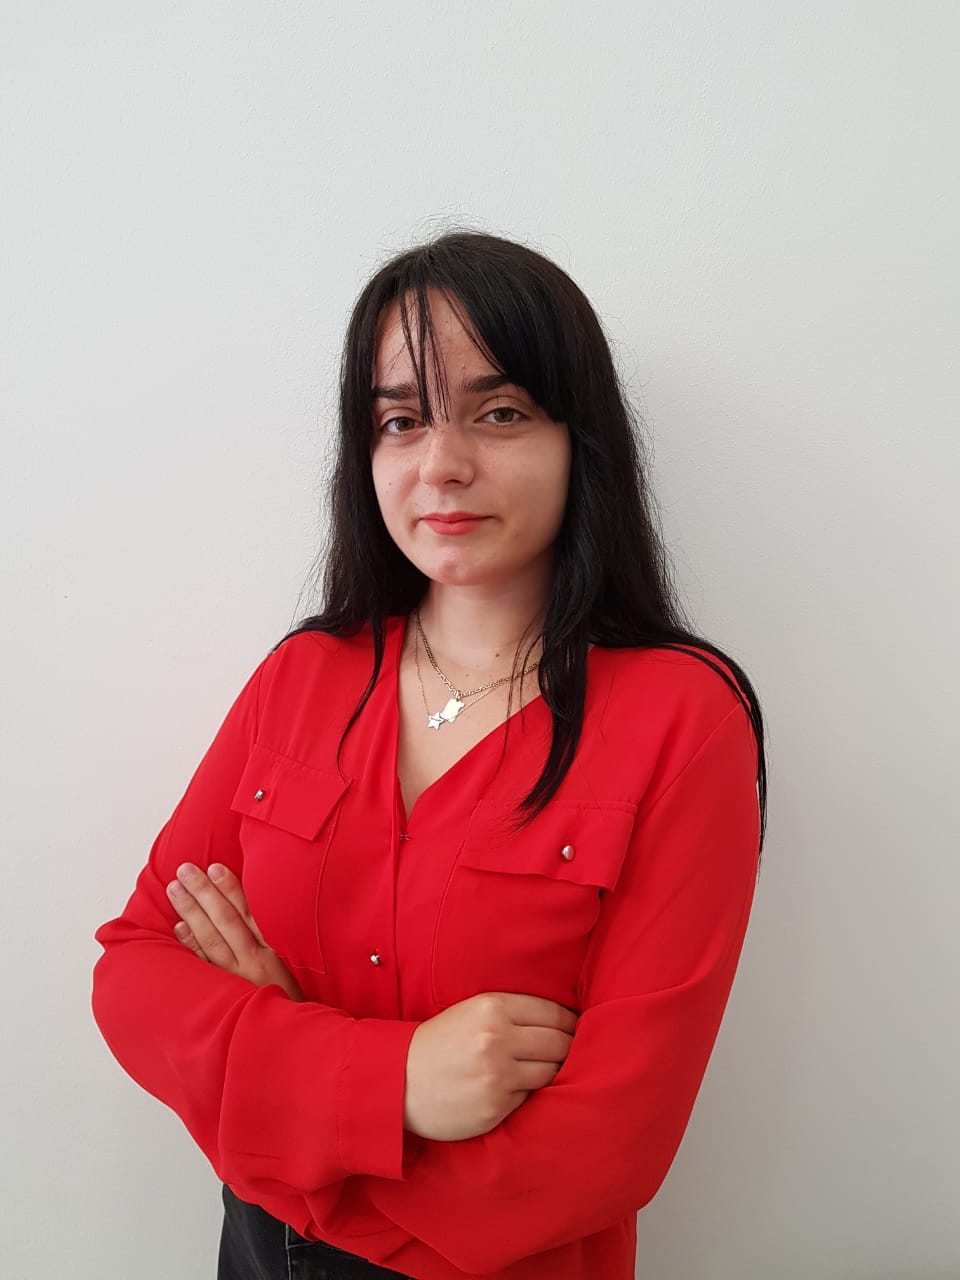 Joana Bregasi